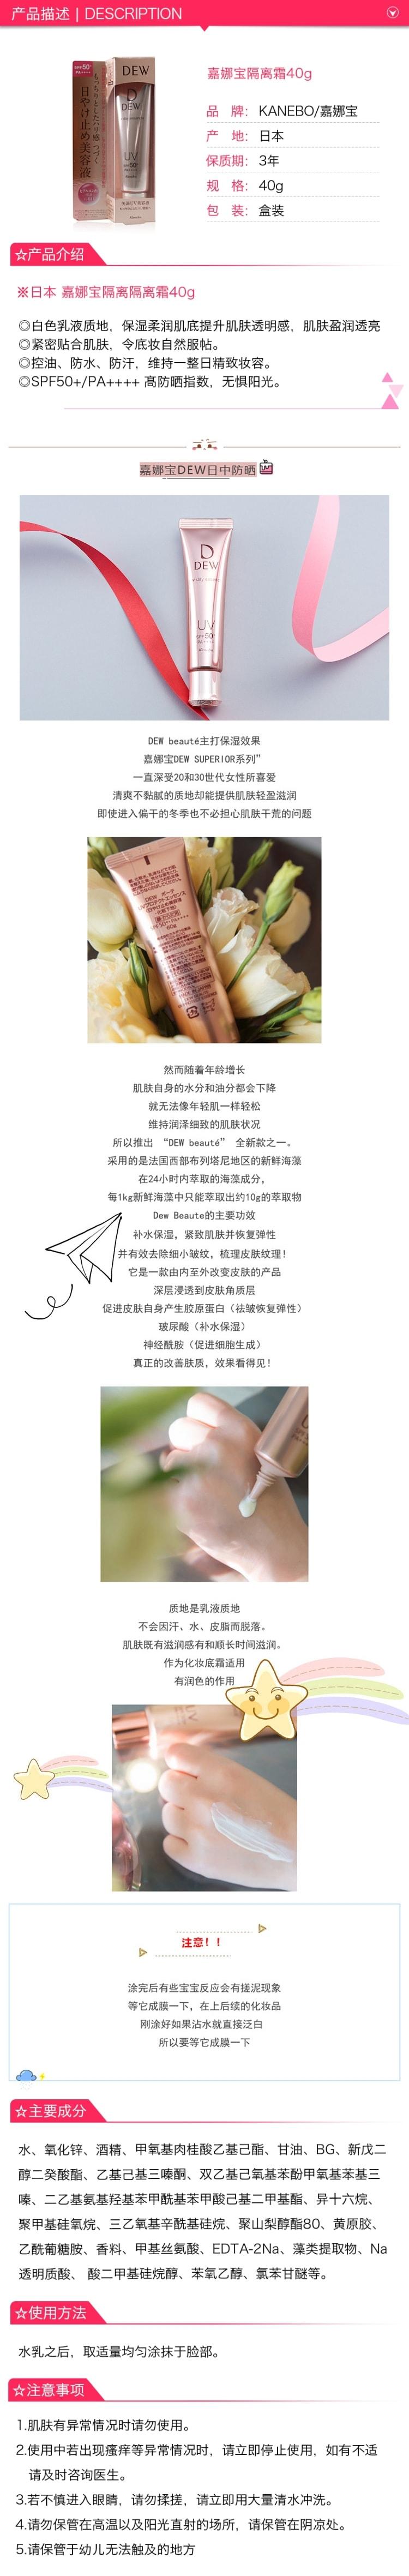 【日本直邮】日本KANEBO 嘉娜宝 2018新款日本本土 DEW 保湿防晒隔离霜40g SPF50+ PA++++ 18年COSME大赏受赏